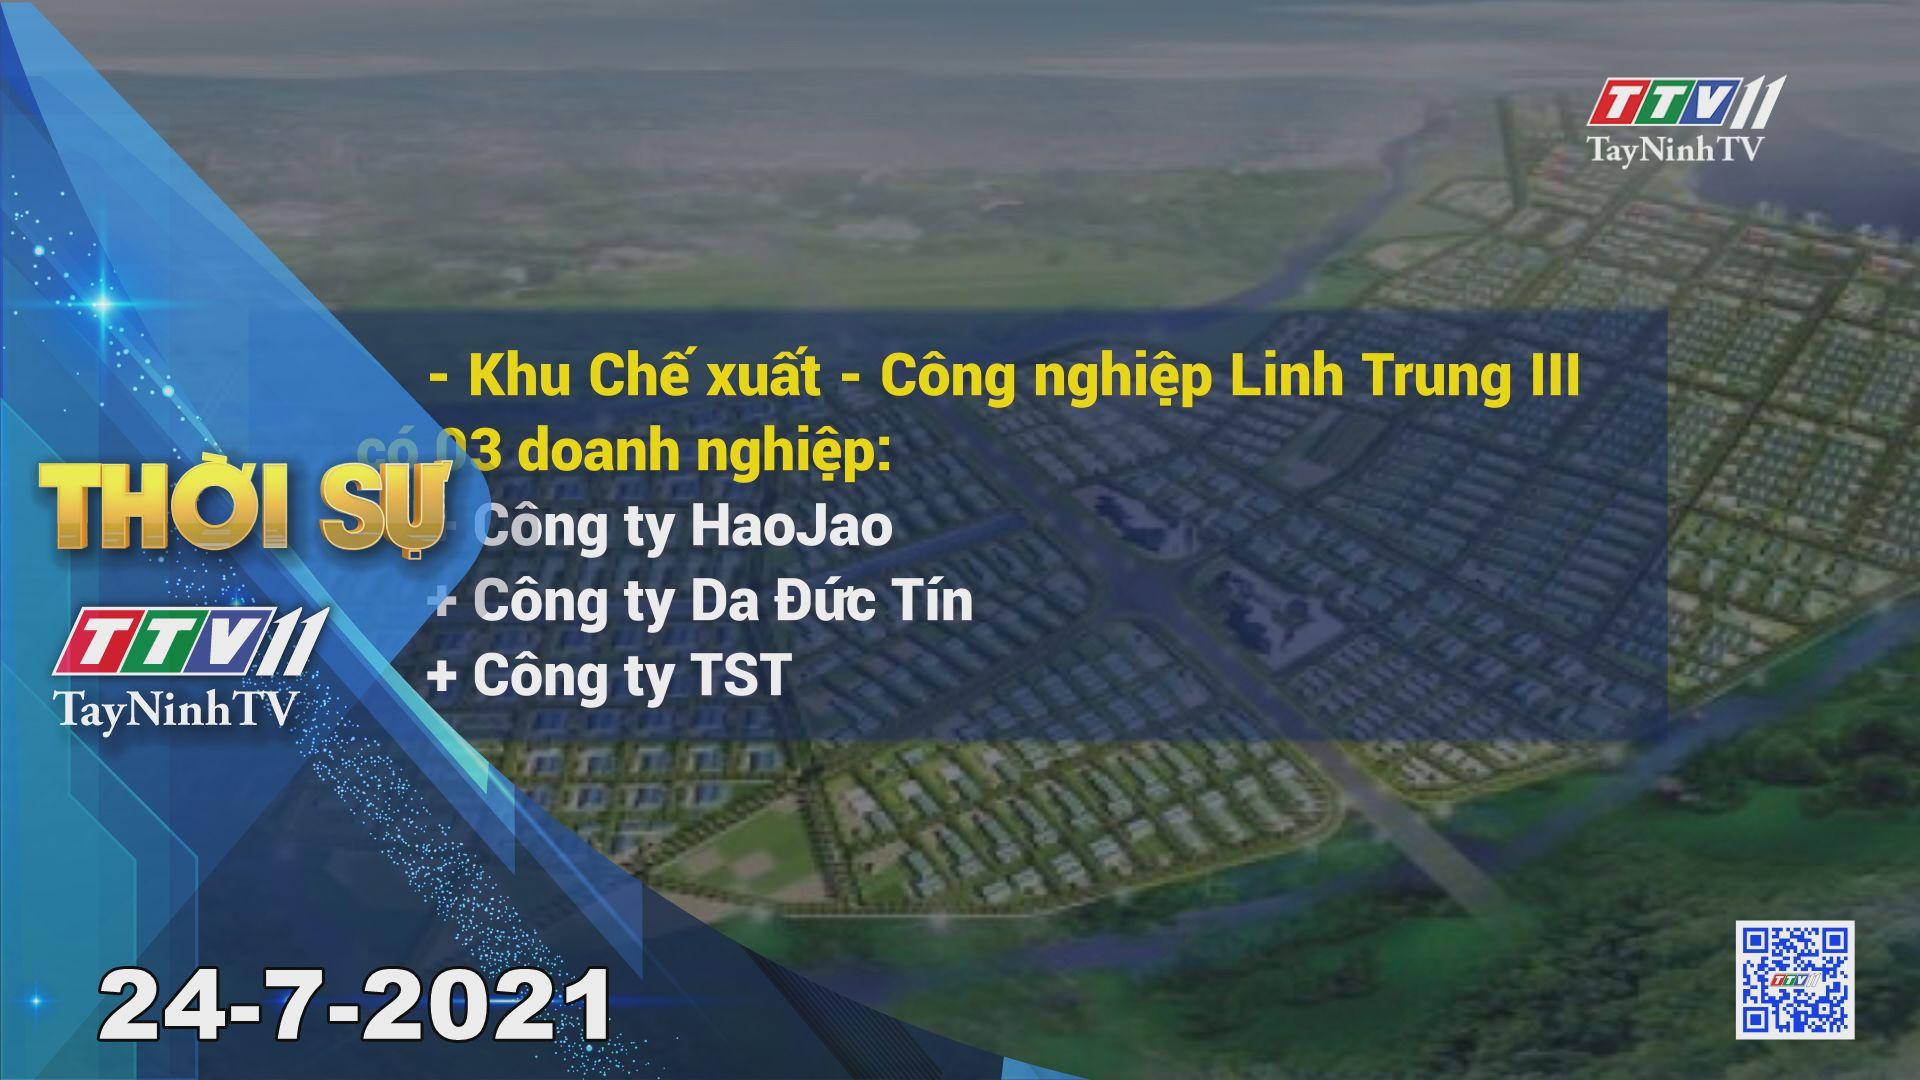 Thời sự Tây Ninh 24-7-2021 | Tin tức hôm nay | TayNinhTV